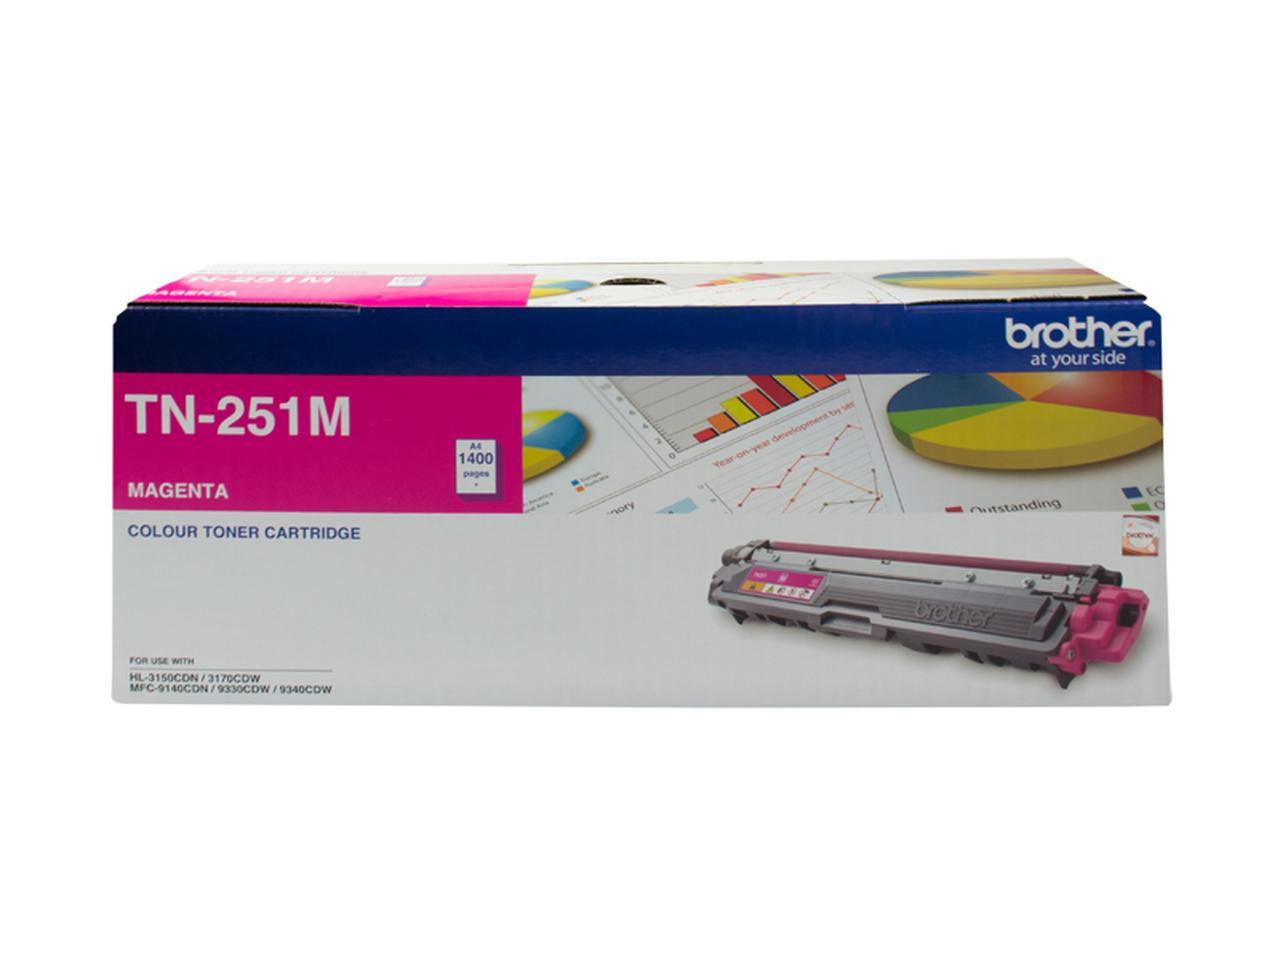 Brother TN-251M Colour Laser Toner-Magenta, HL-3150CDN/3170CDW/MFC-9140CDN/9330CDW/9335CDW/9340CDW /DCP-9015CDW(1,400 Pages)